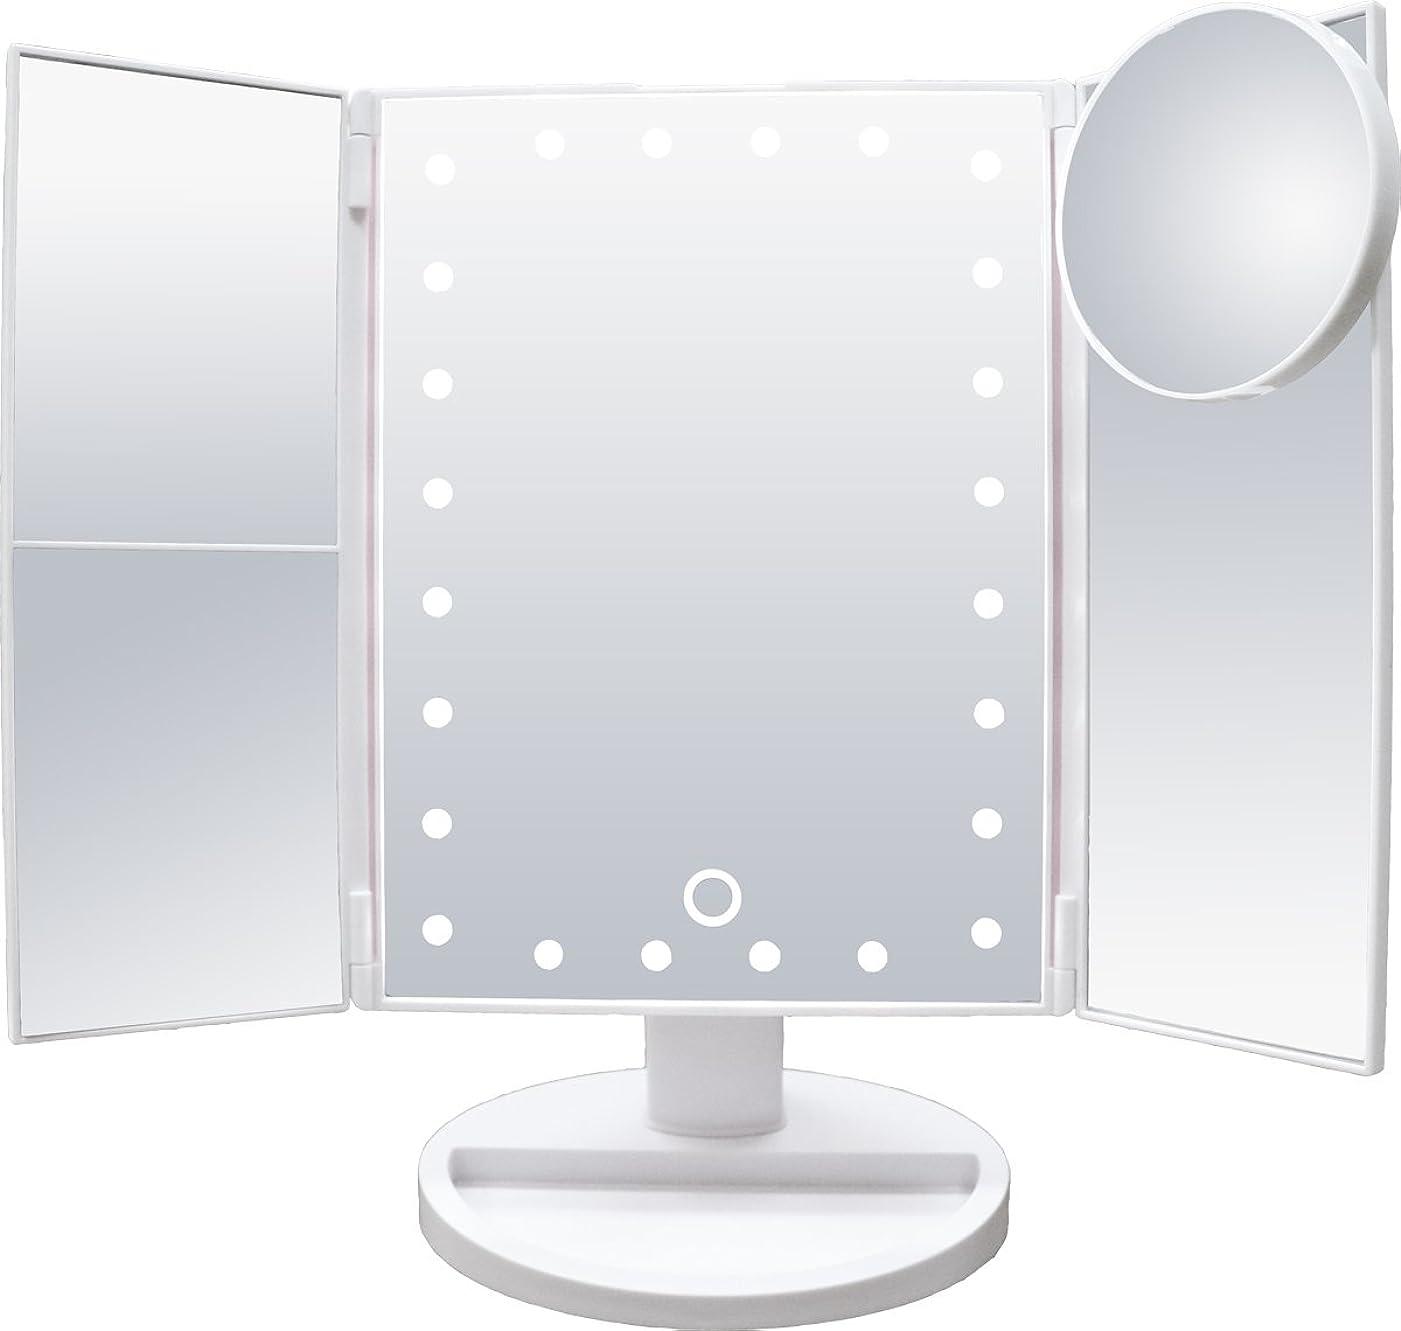 郡説教ミシン目santasan LED化粧鏡 24灯LED 女優ミラー 15倍拡大鏡付き 卓上 折り畳み式 三面鏡 (ホワイト)